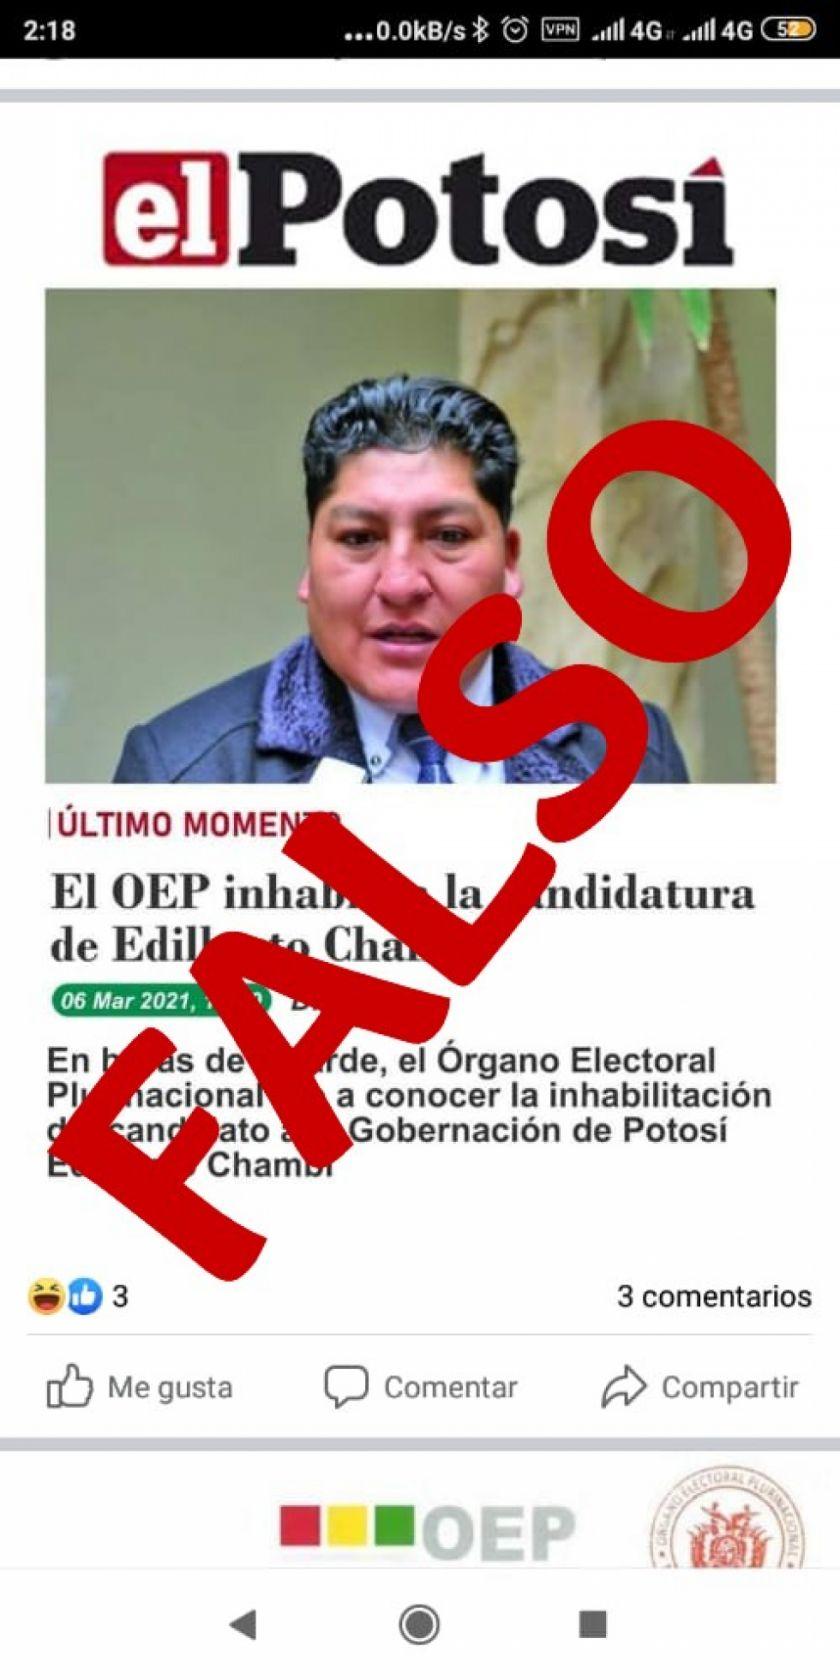 Circula captura de noticia falsa atribuida a El Potosí